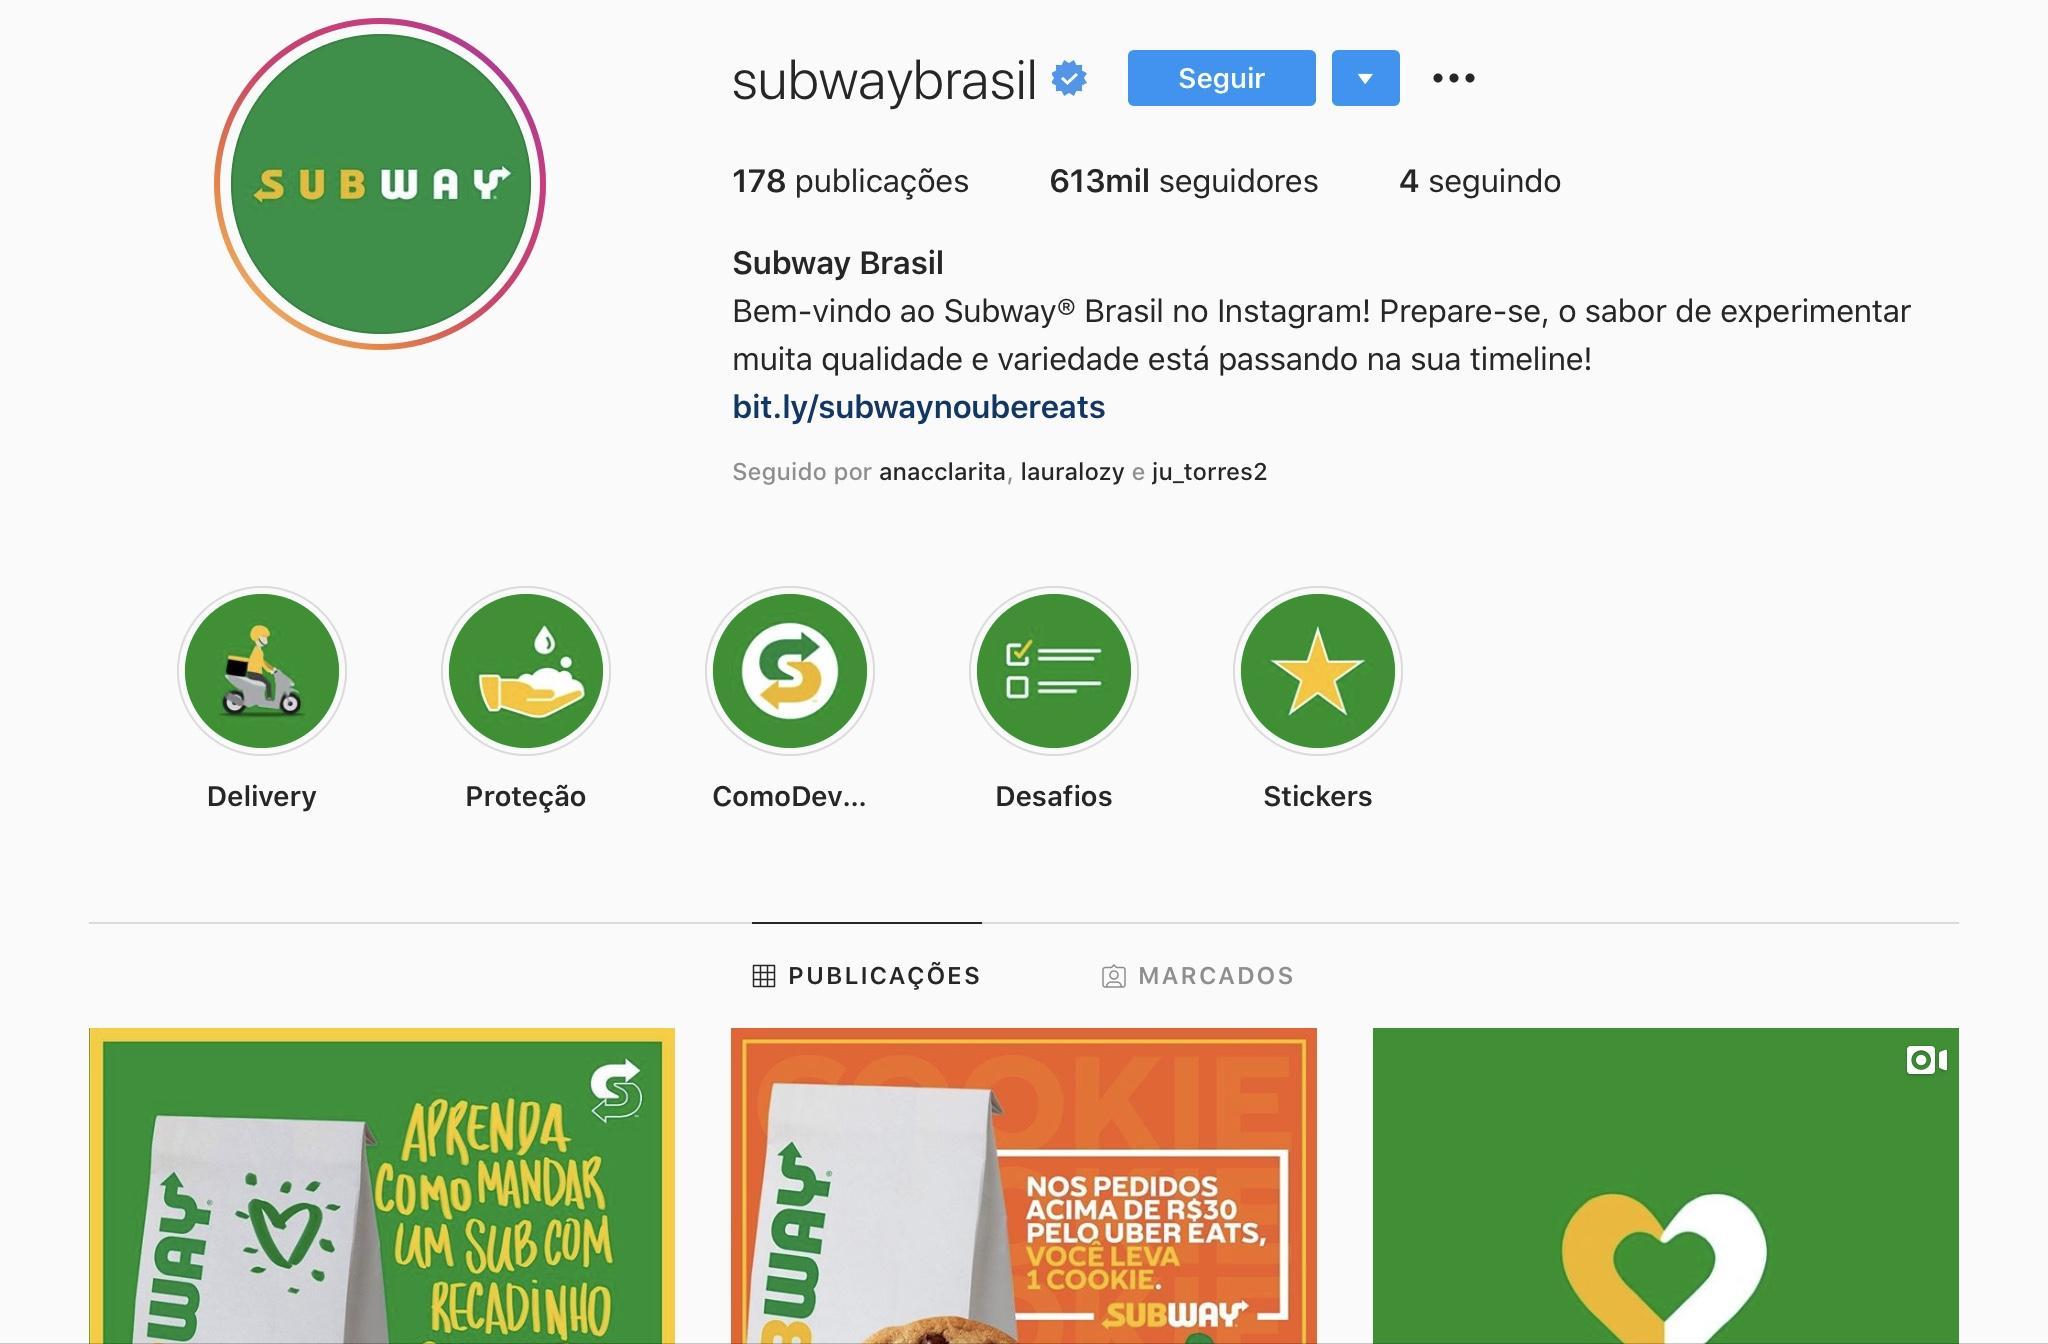 Exemplos para Criar Destaques do Instagram - Subway